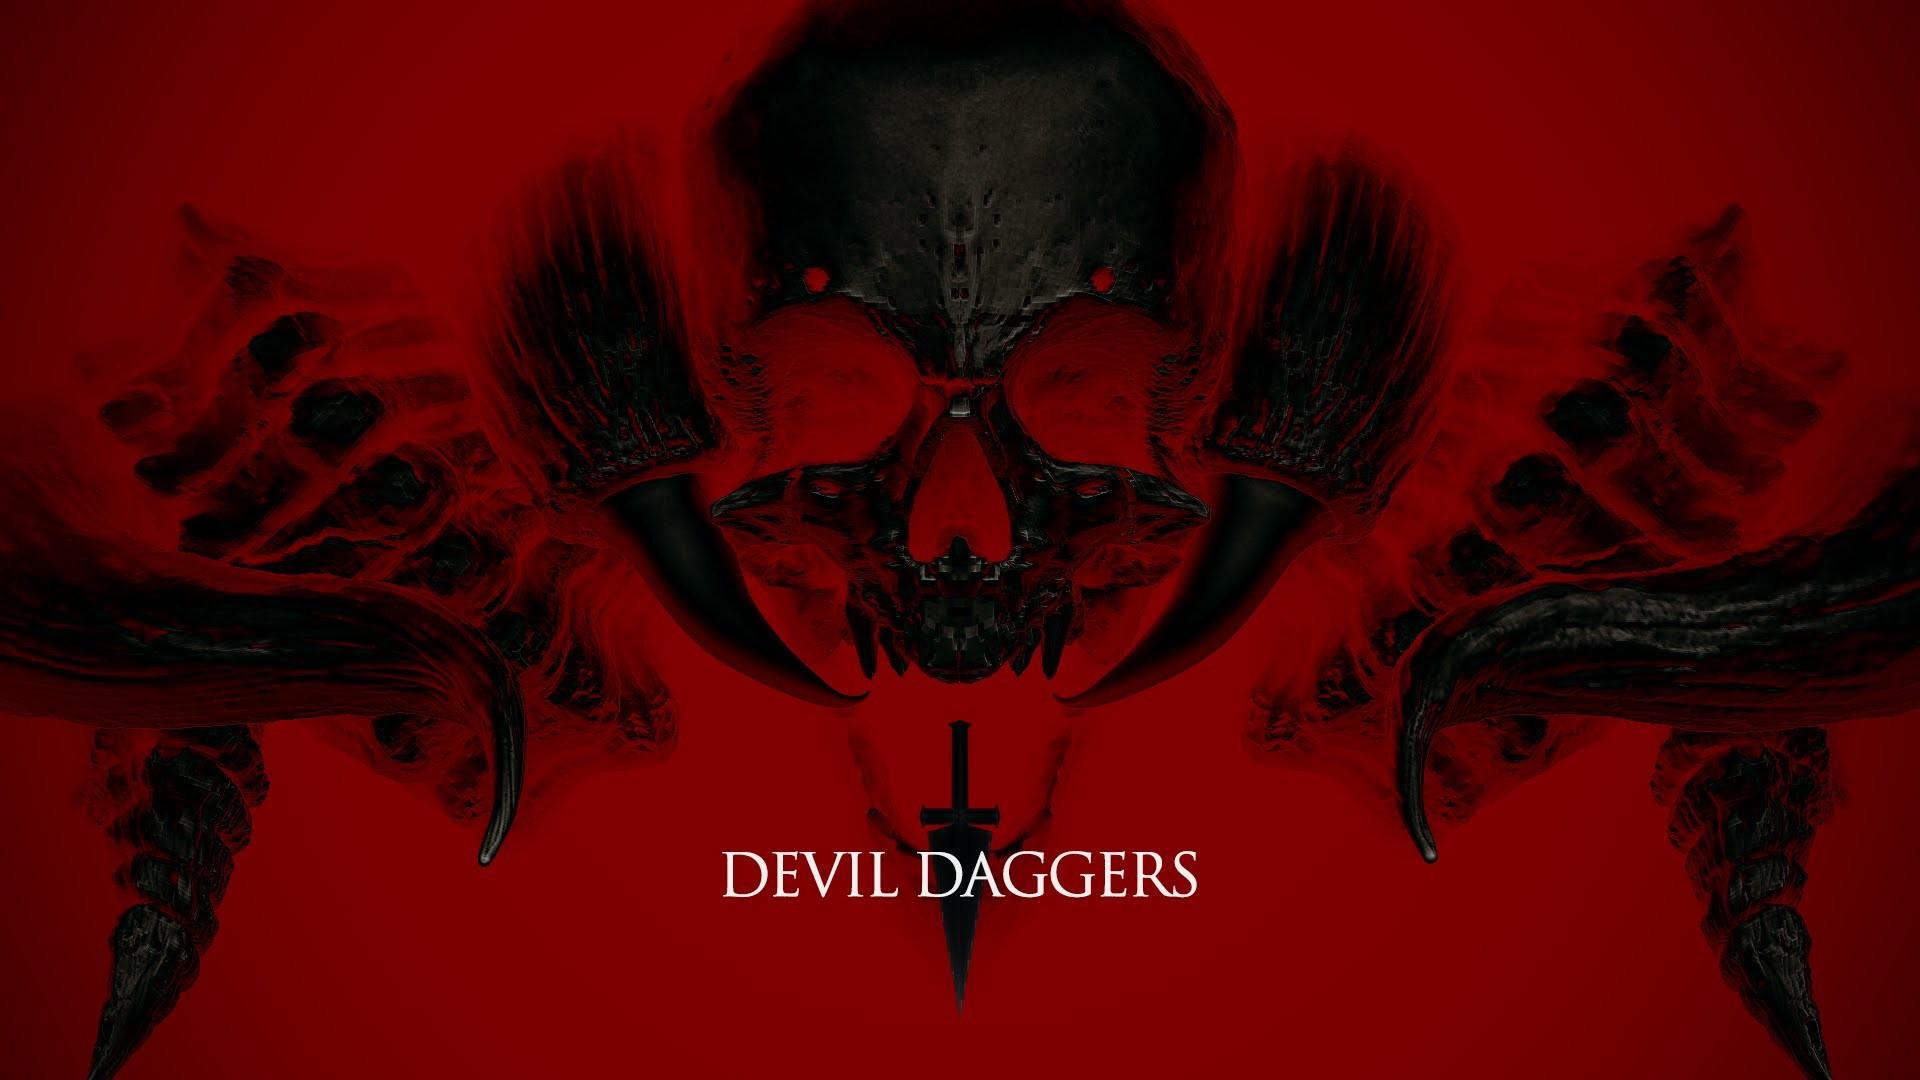 Res: 1920x1080, Devil Daggers HD